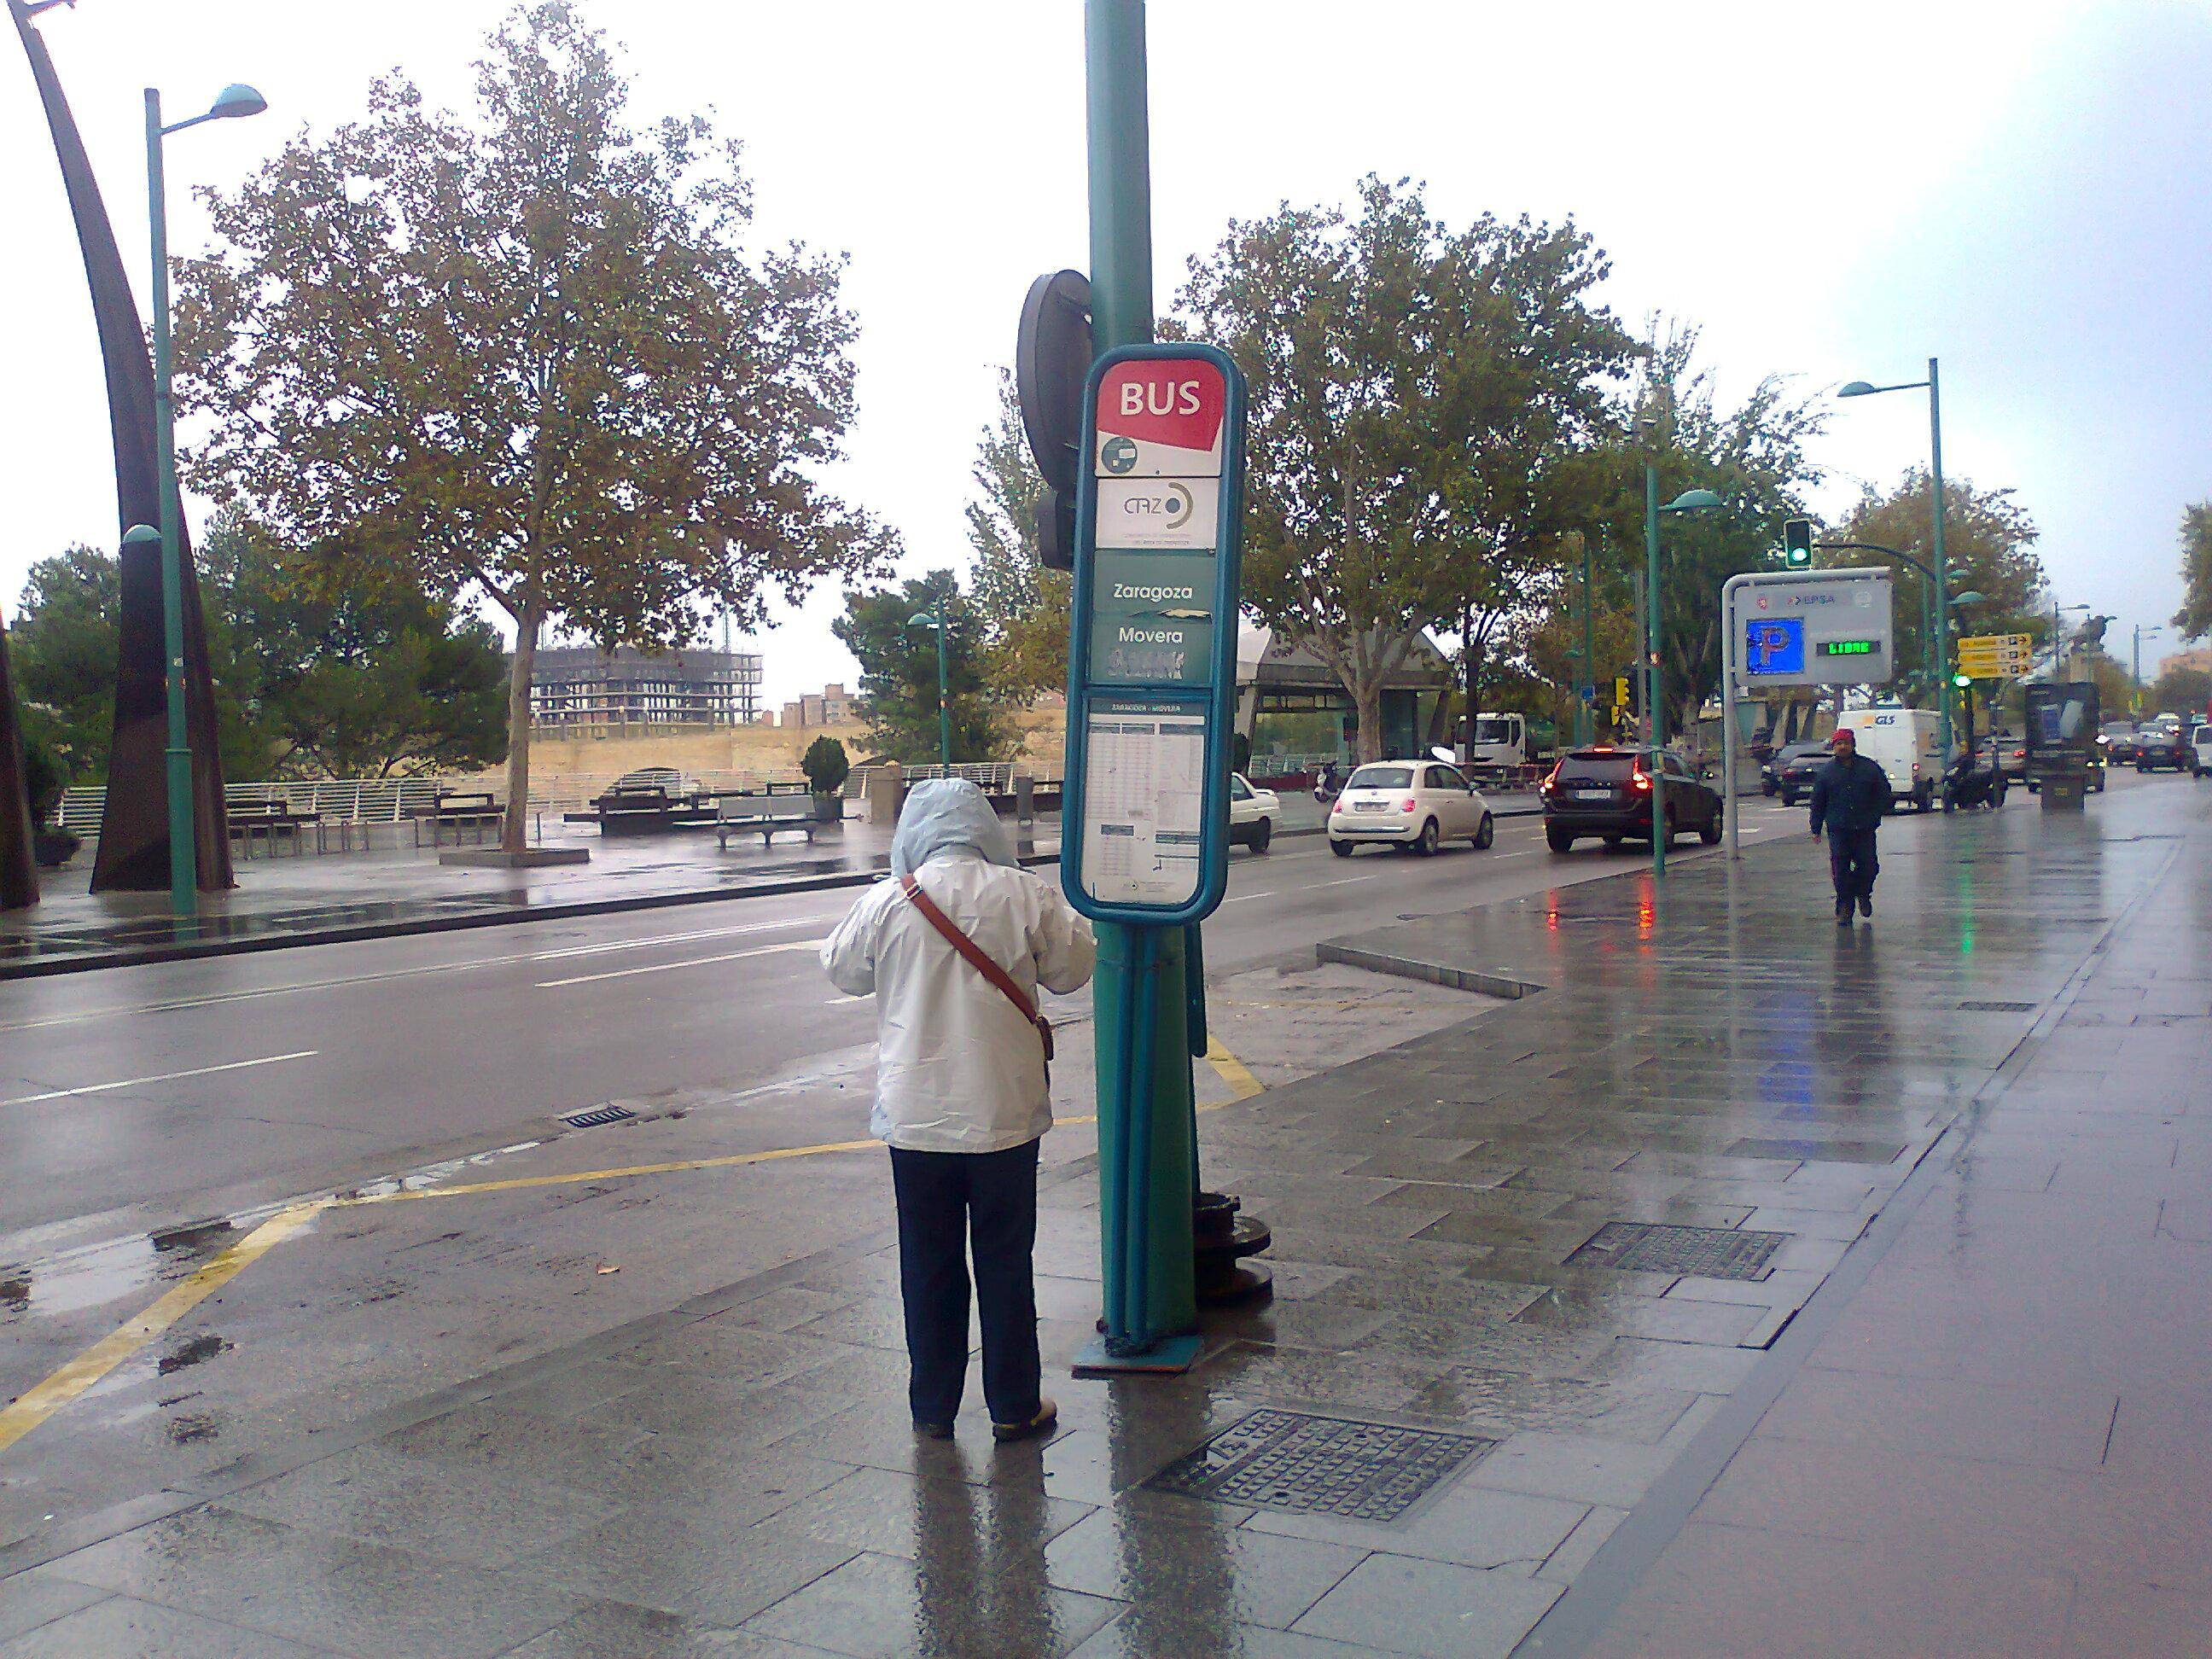 Solicitamos al Consorcio de Transporte que instale una marquesina detrás del Pilar para las líneas de bus de barrios rurales